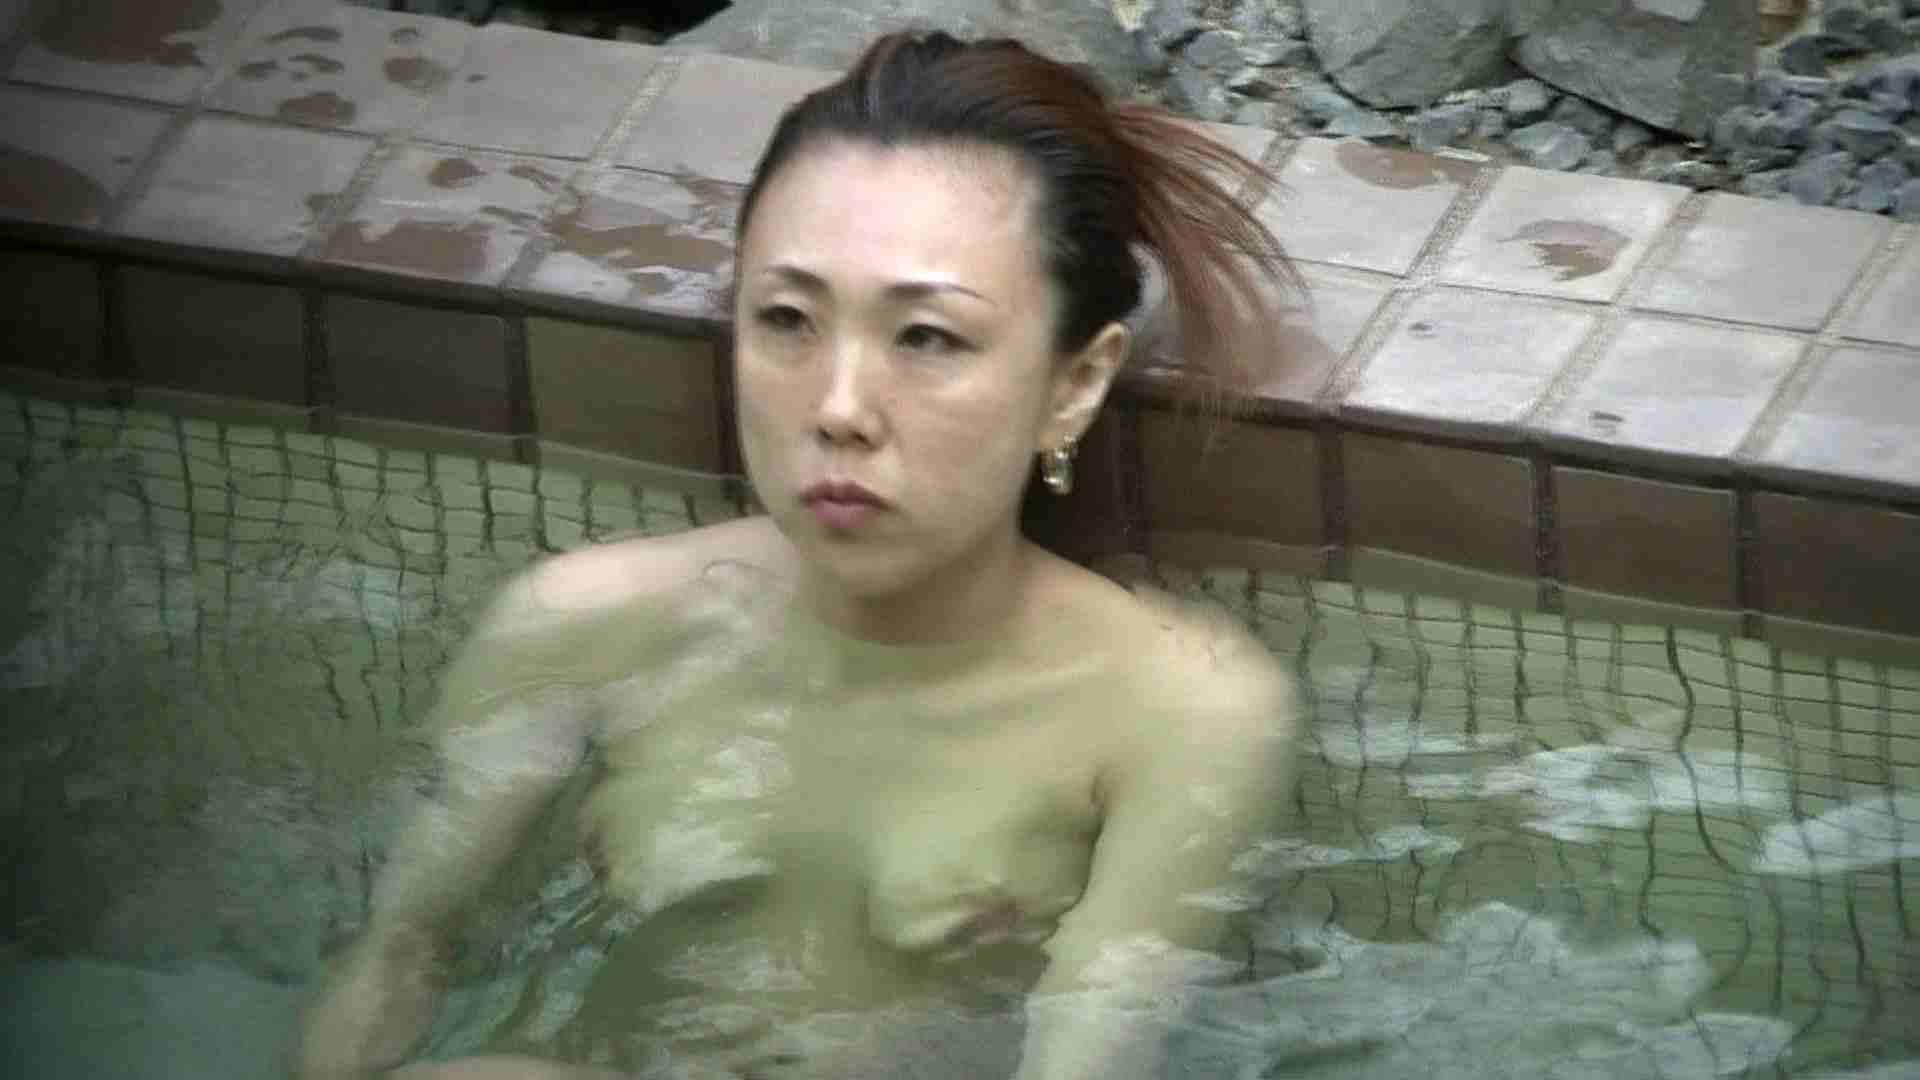 Aquaな露天風呂Vol.654 女体盗撮  87連発 39